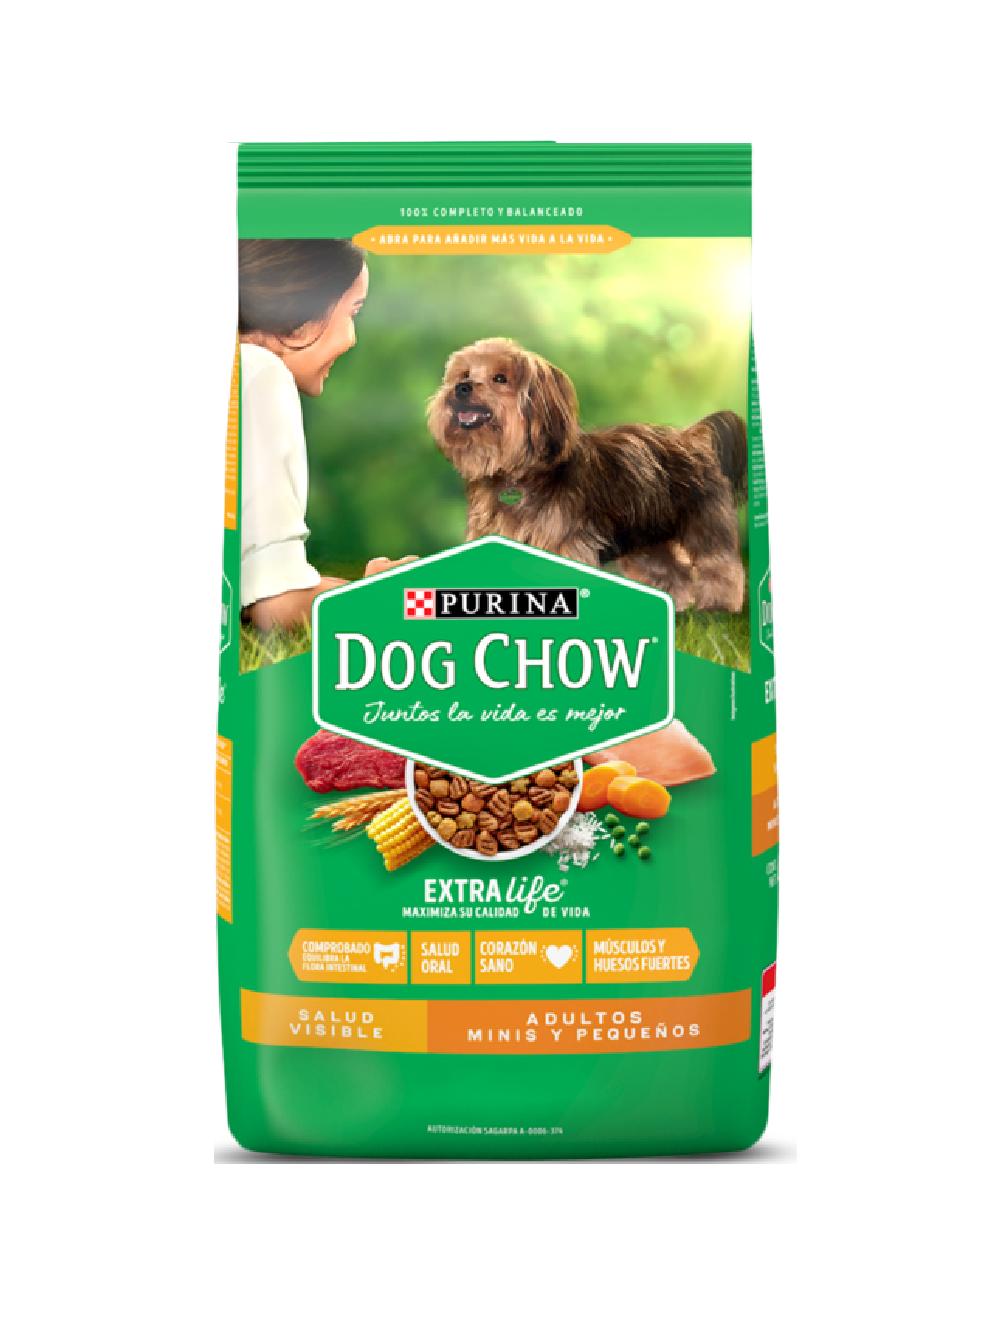 Dog Chow Salud Visible Adultos Minis Y Pequeños 4 Kg - Ciudaddemascotas.com